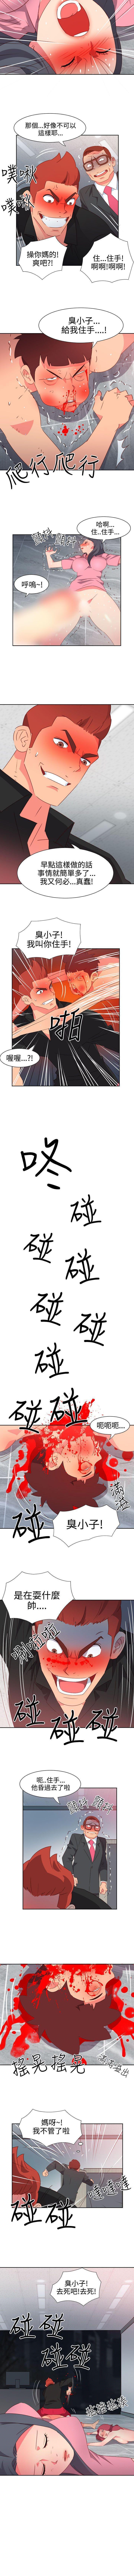 情慾靈藥 1-77 183